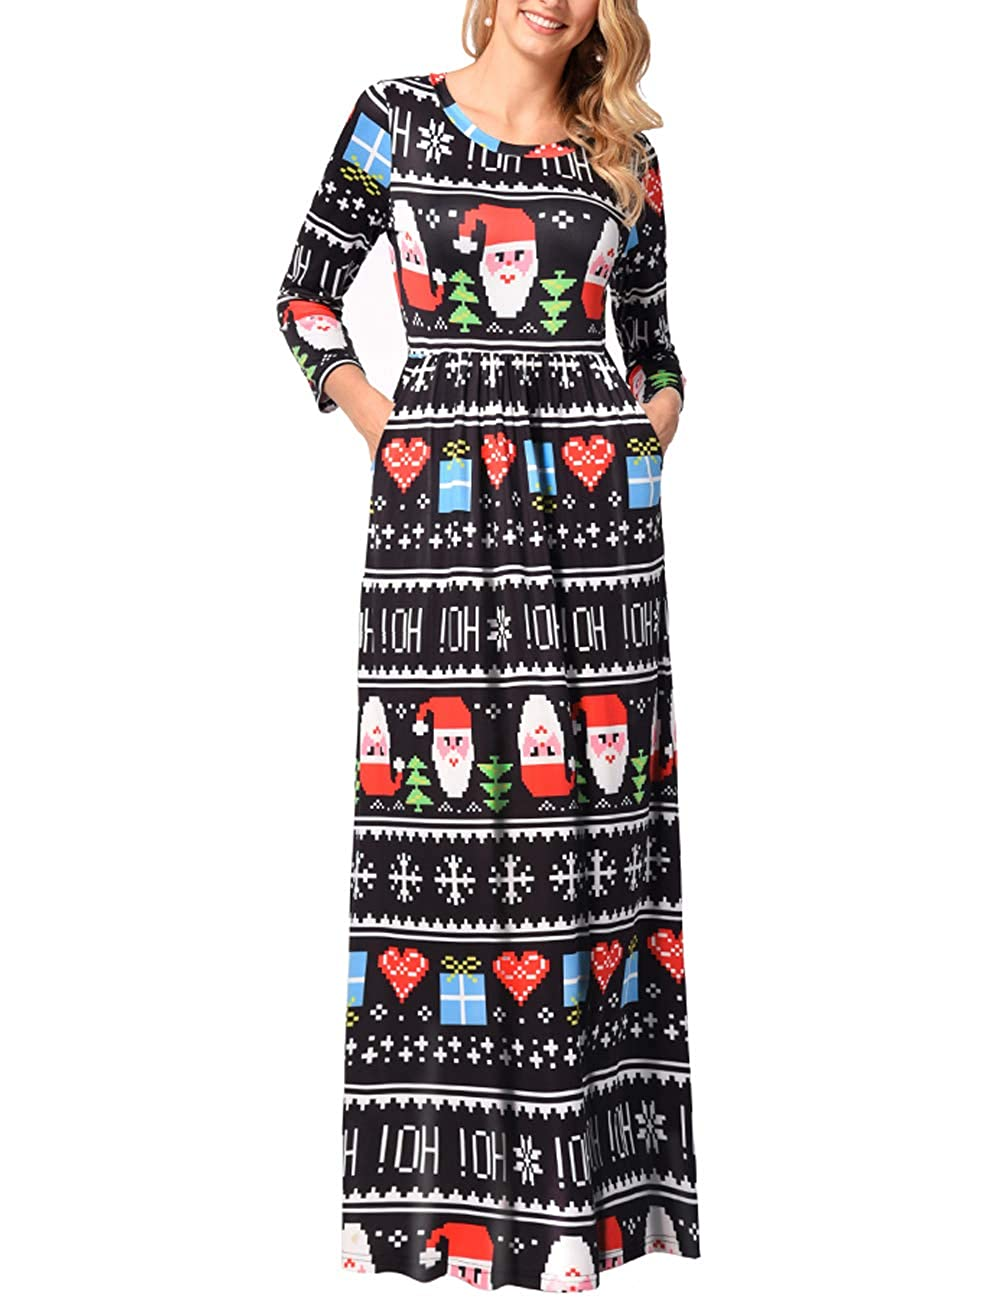 TALLA 3XL=ES 50-52. FeelinGirl Mujeres Vestido Largo Estampado Floral de Fiesta Navidad Falda Maxi de Manga Larga Nochebuena Multicolor-07 3XL=ES 50-52